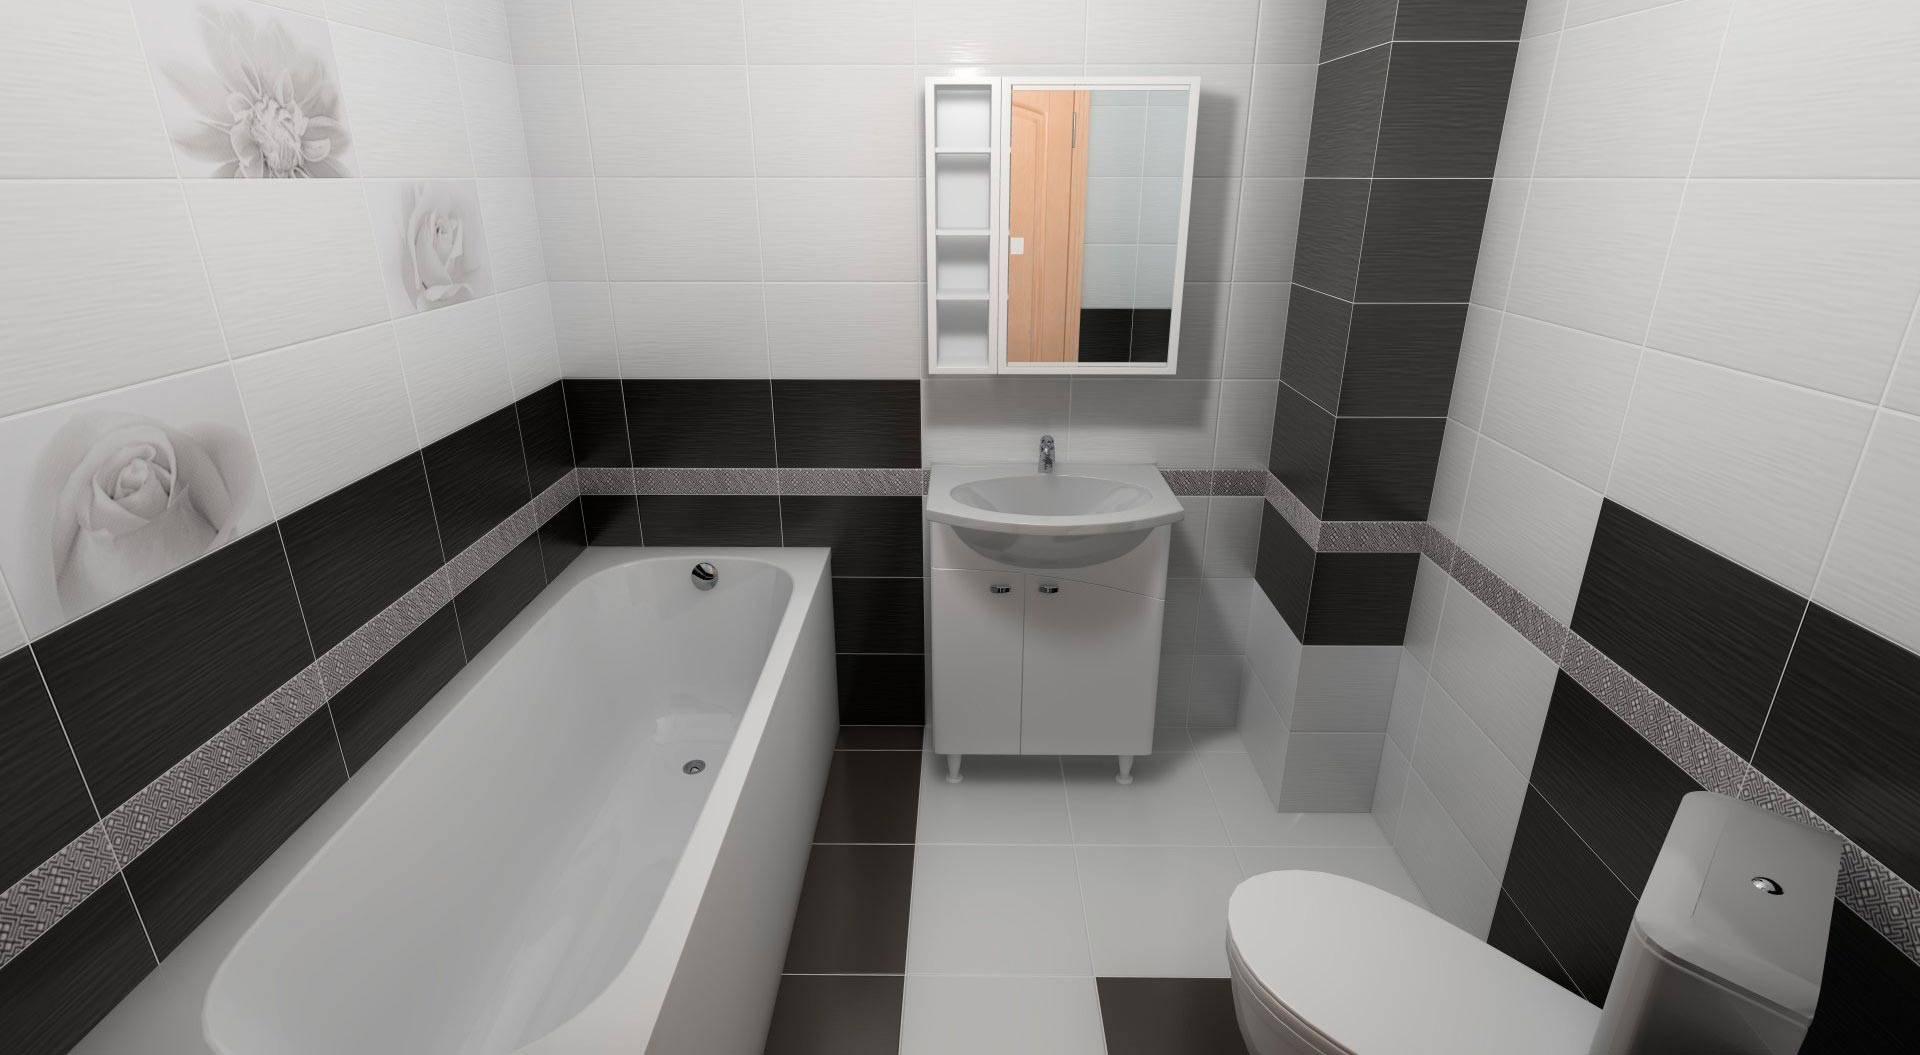 Черно-белая напольная плитка (47 фото): особенности керамического покрытия для пола